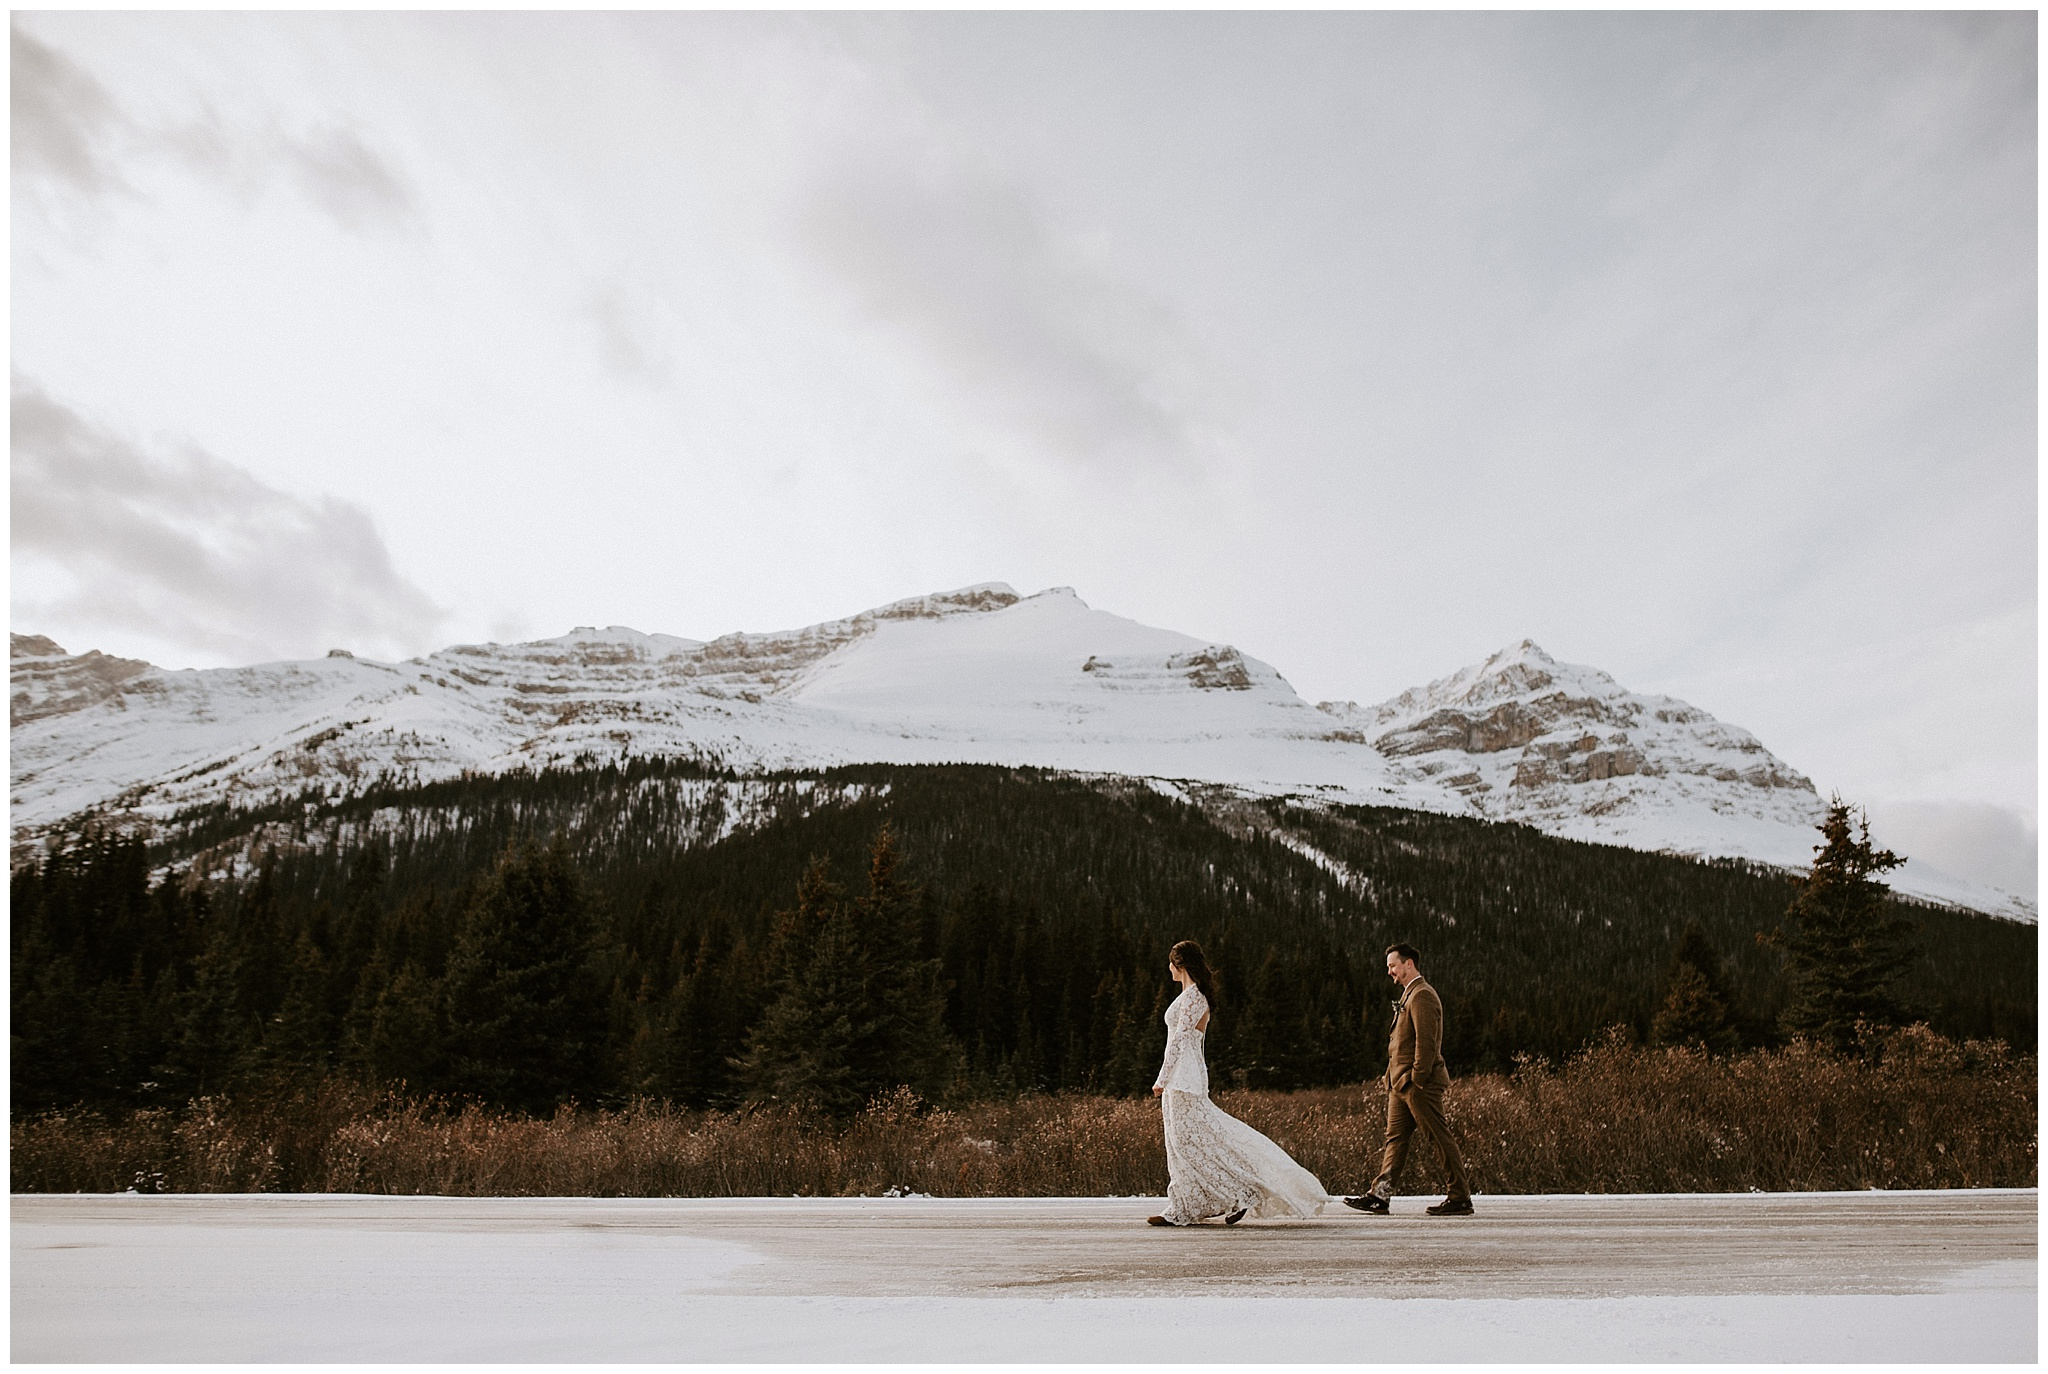 peyto-lake-wedding-photos-62.JPG